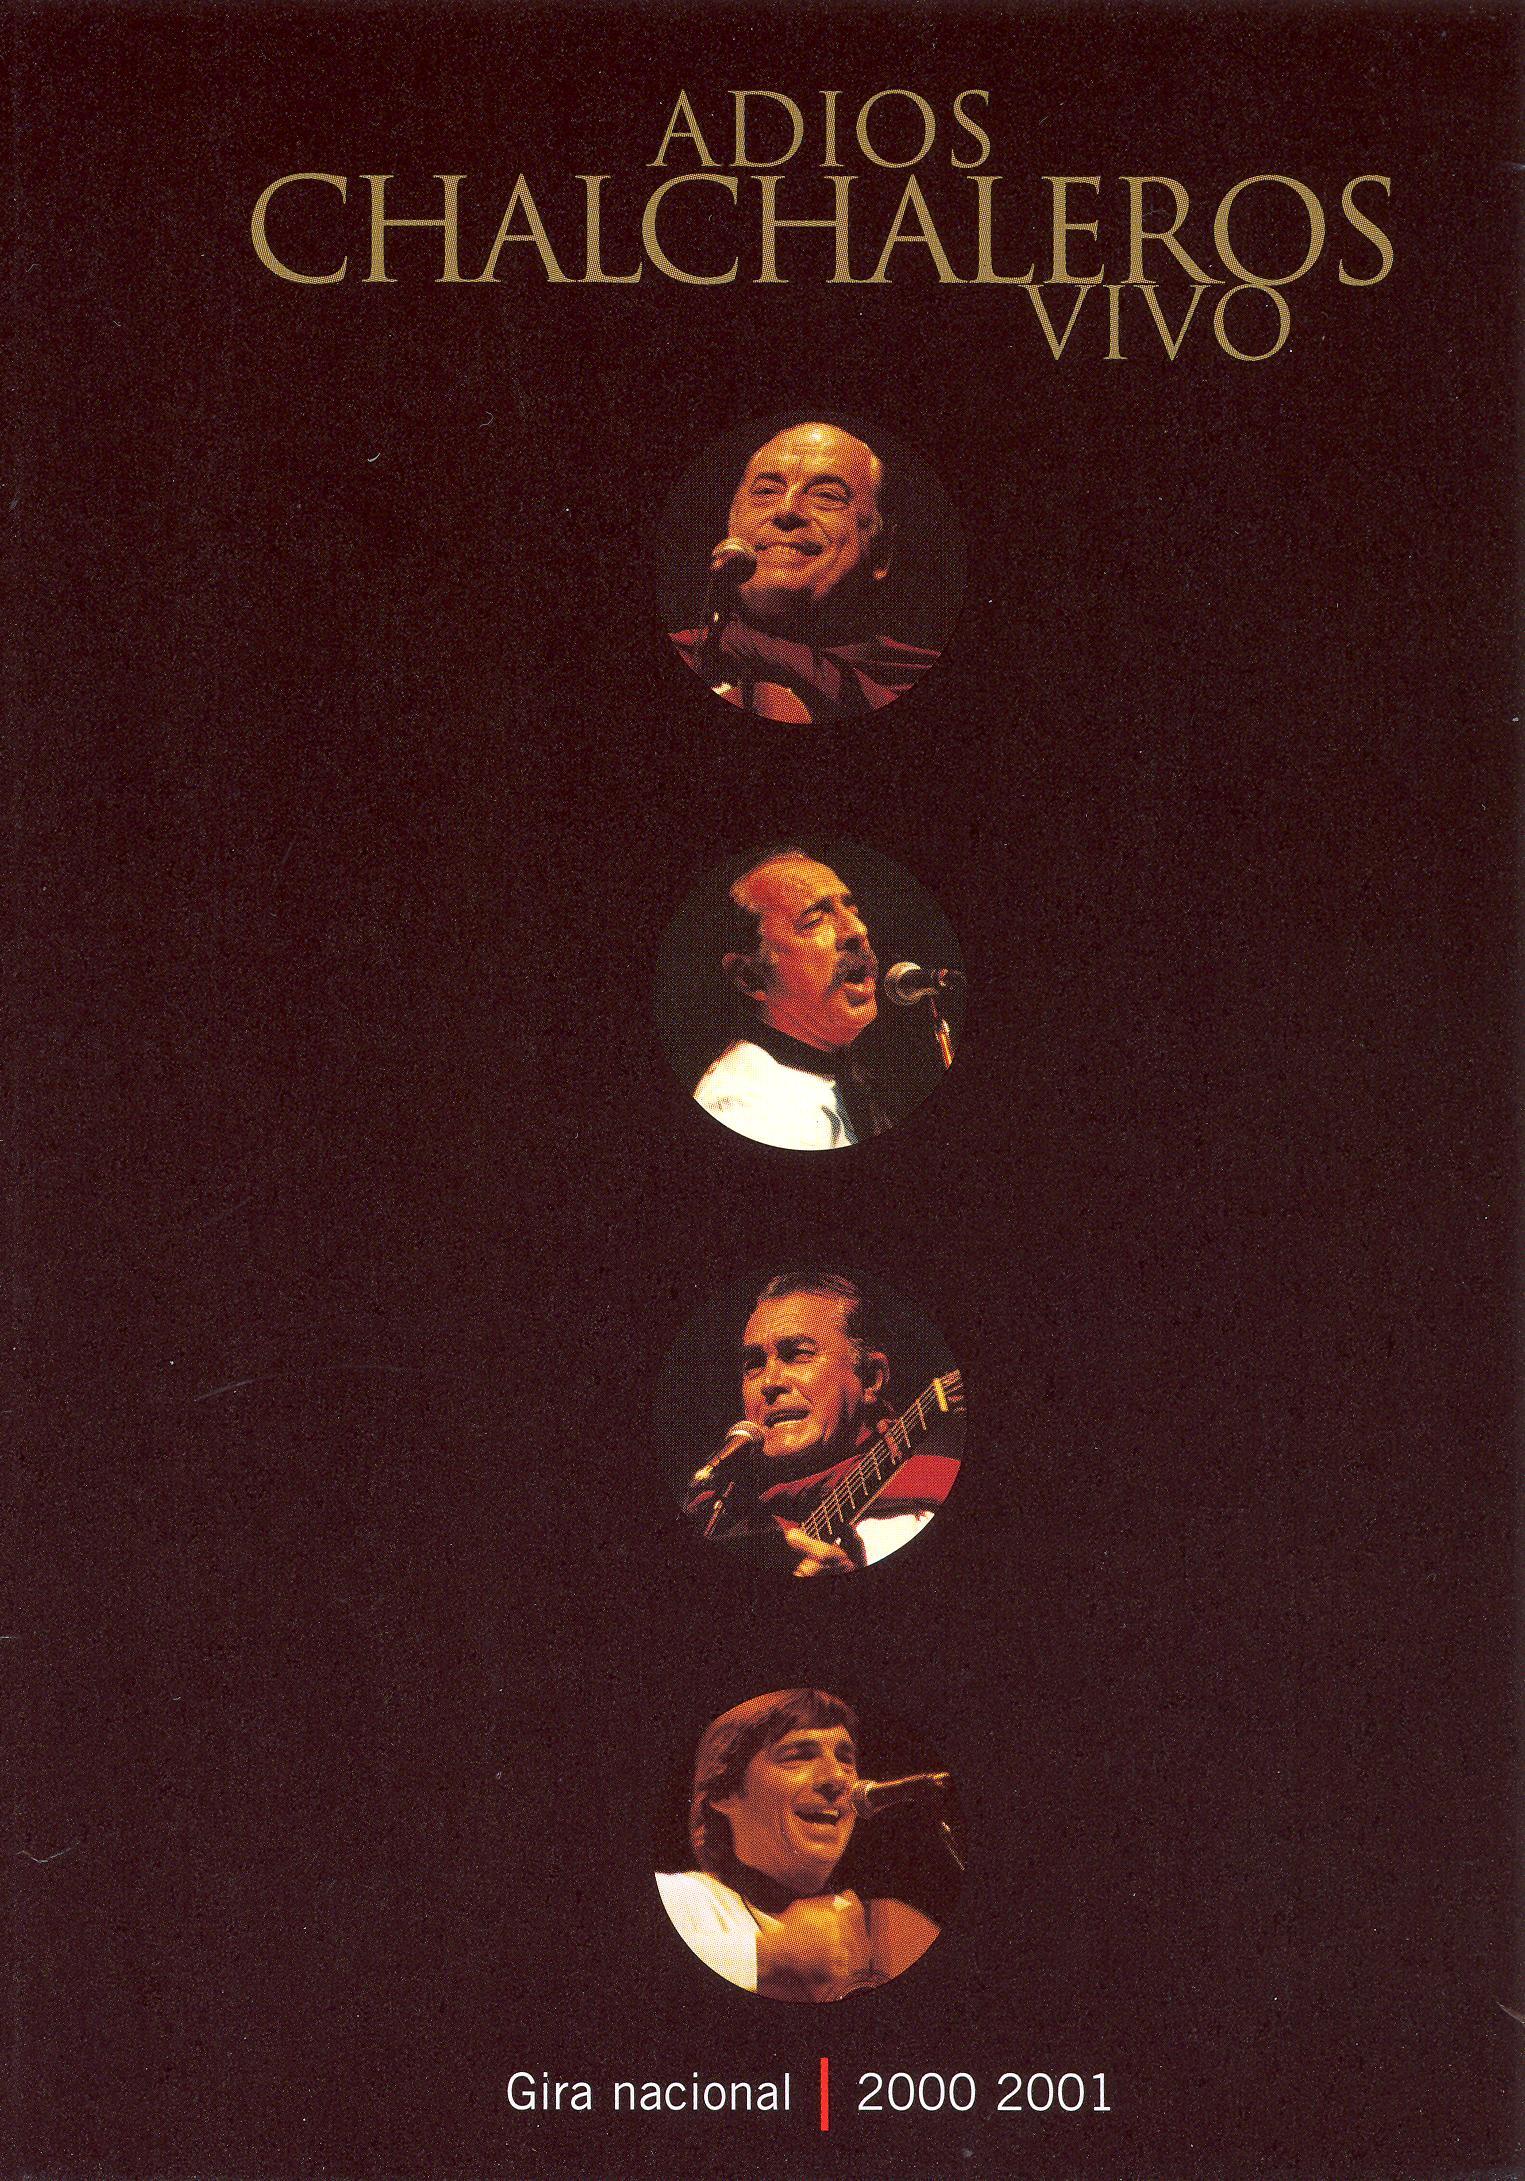 Los Chalchaleros: Adios Chalchaleros Vivo - Gira Nacional 2000-2001